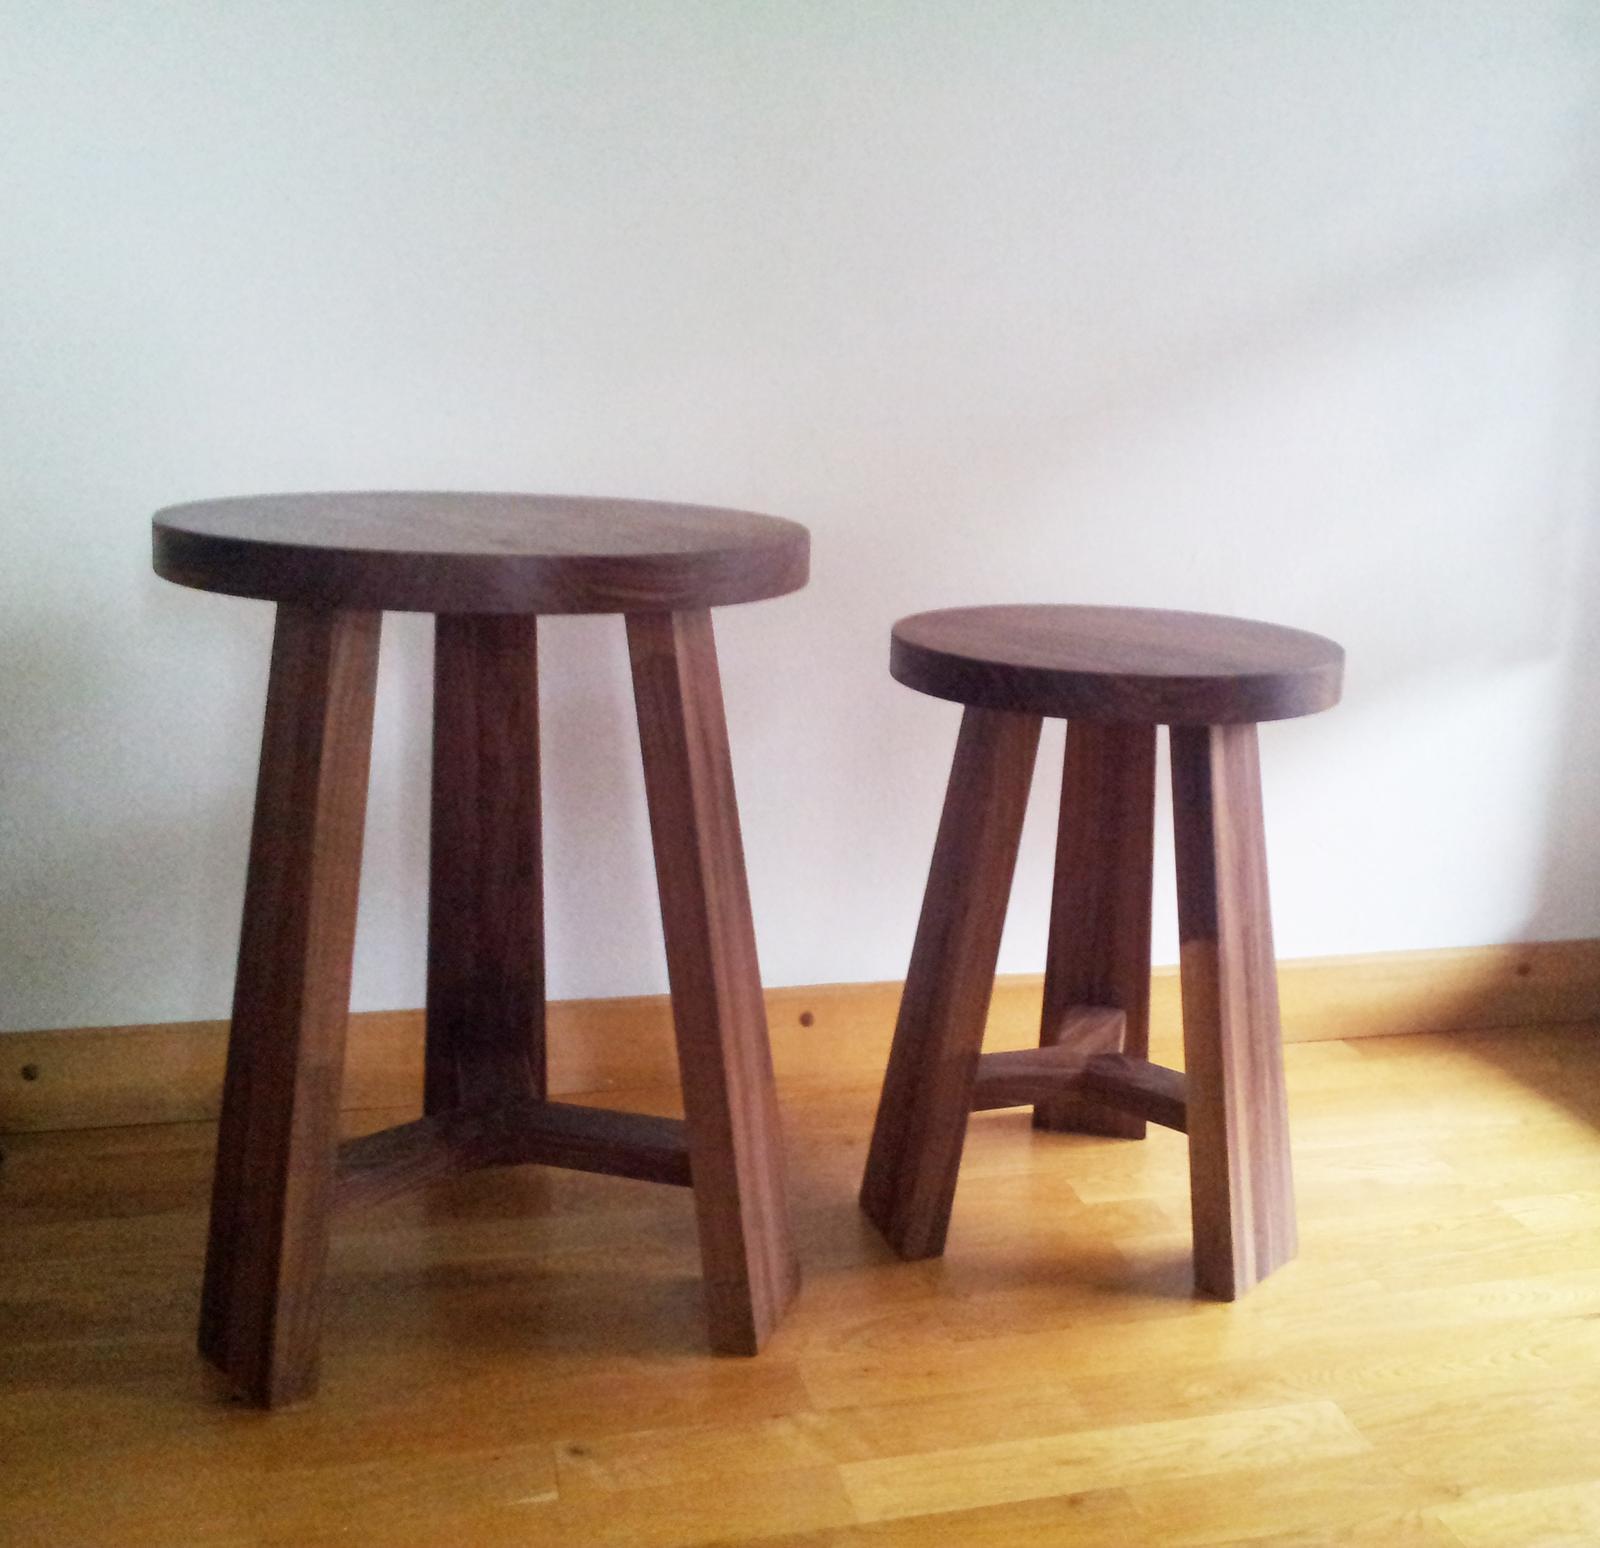 Dizajn a výroba nábytku na mieru Cubica - Okrúhle stolíky - masívny orech - dizajn a výroba cubica